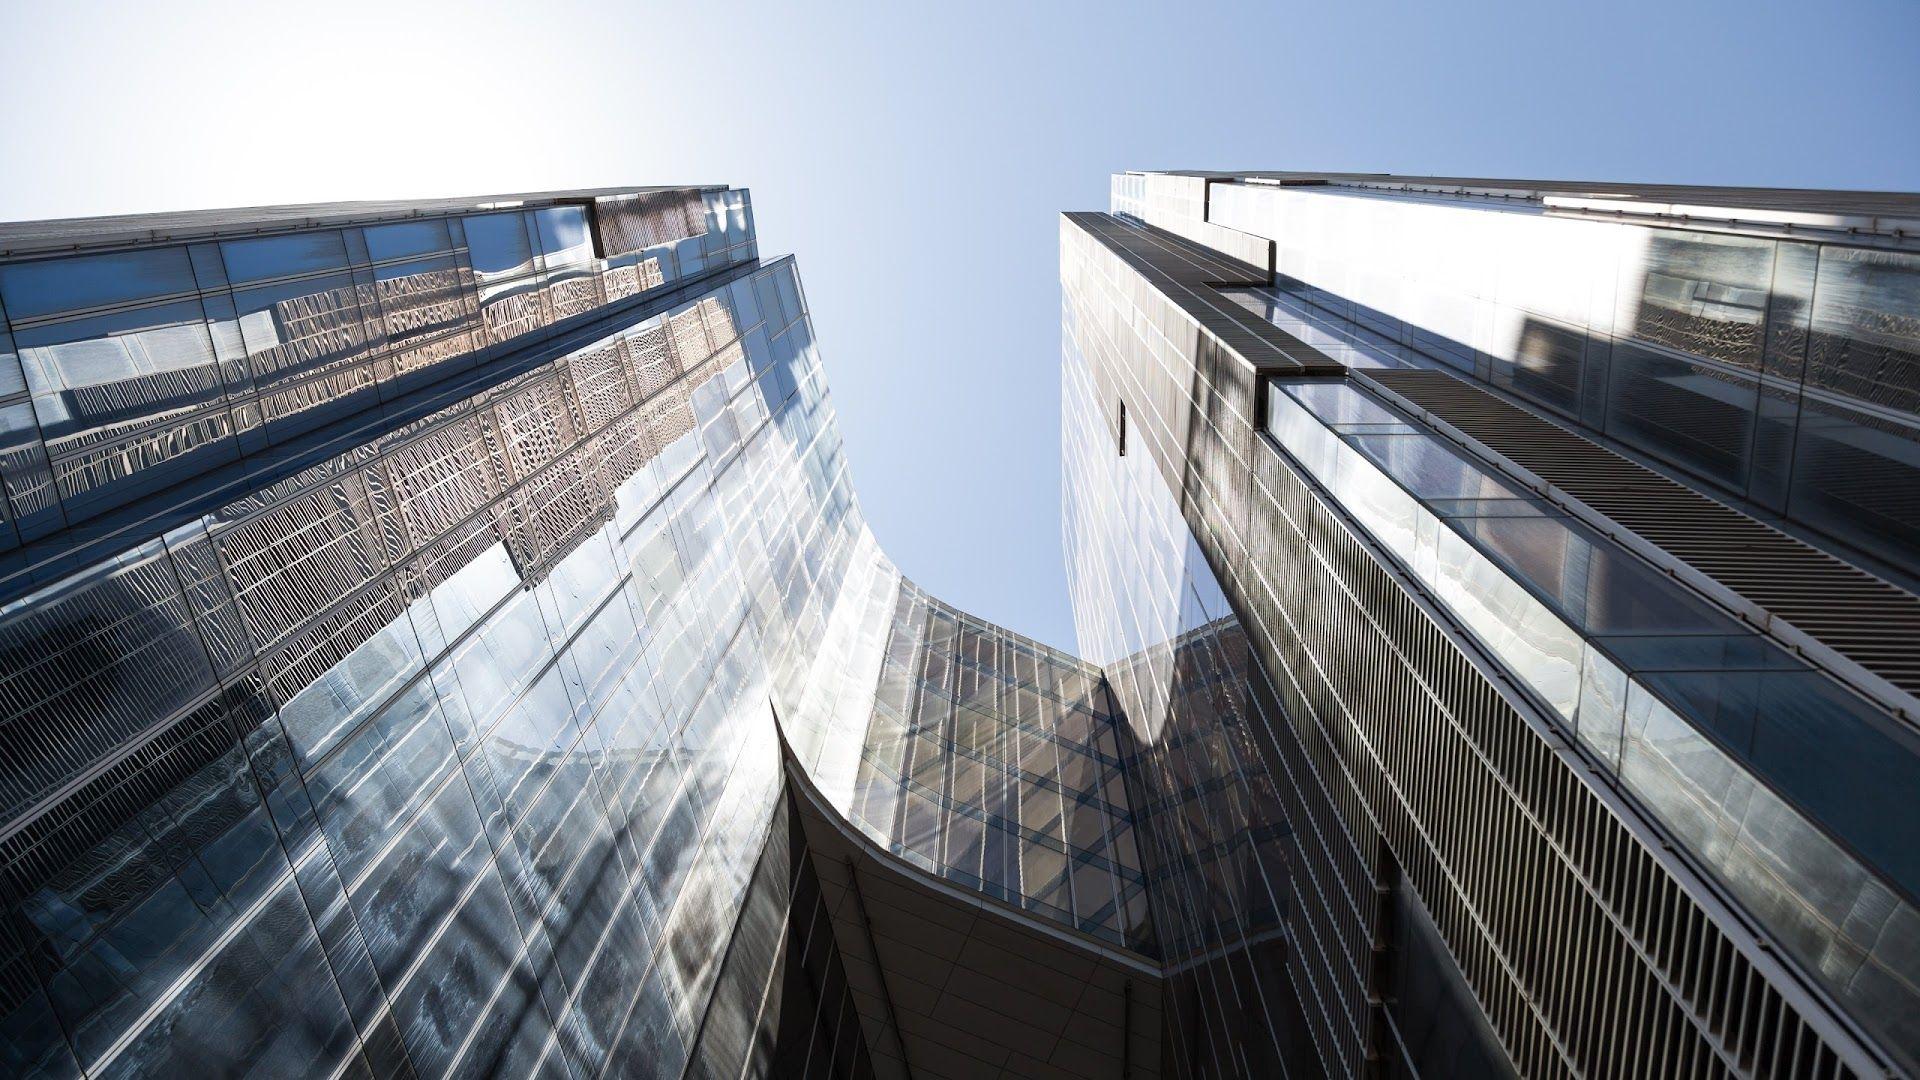 Architecture picture hd